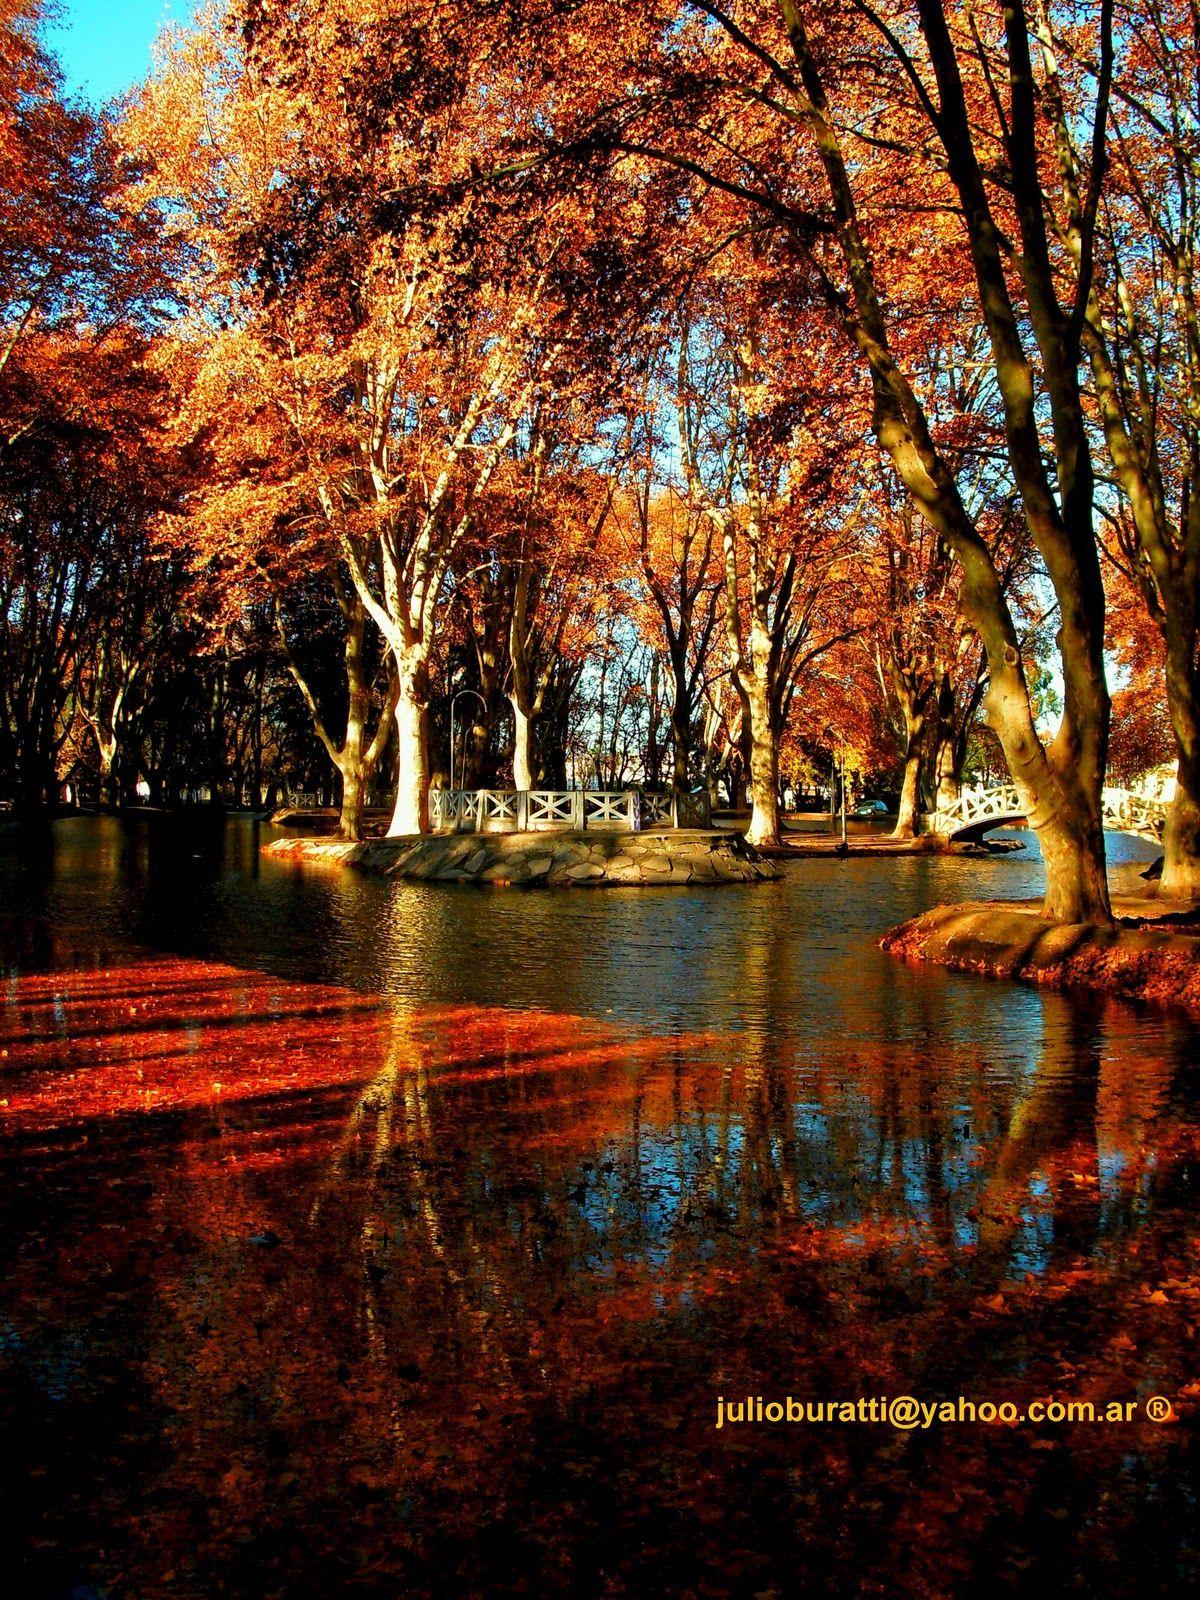 vista del otoño en el parque sarmiento en río cuarto córdoba